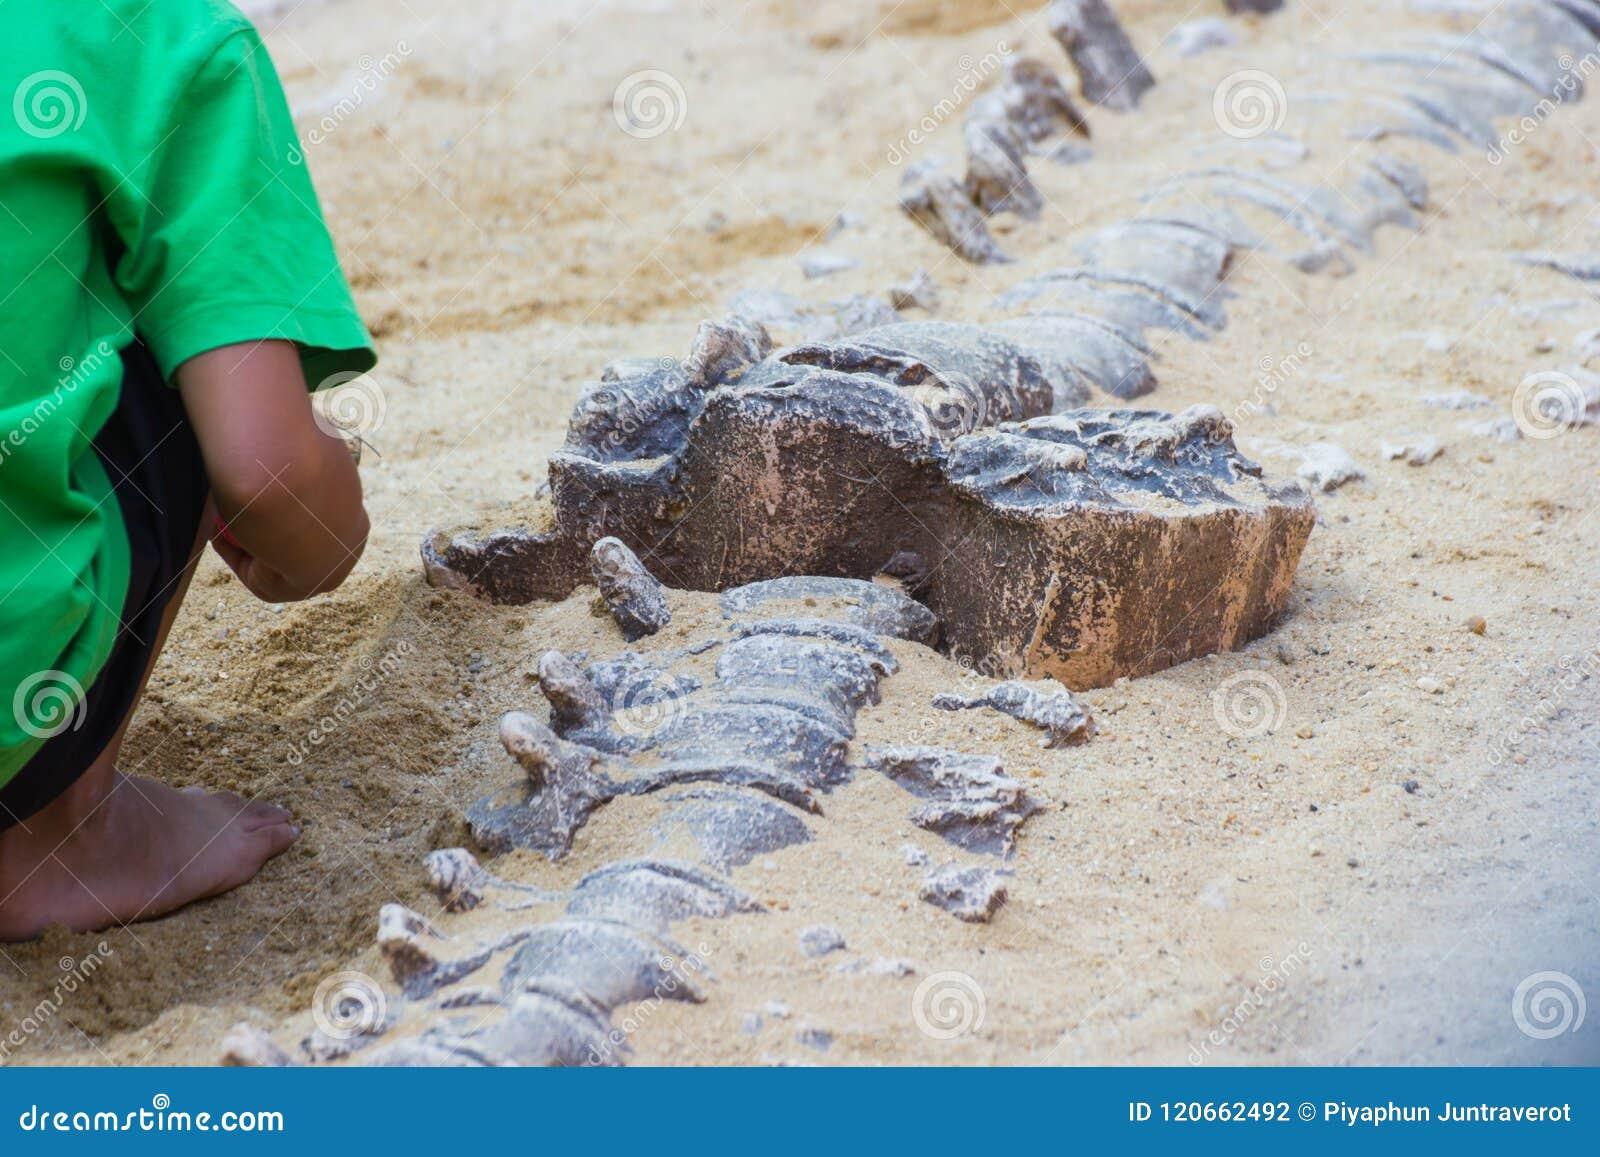 Los niños están aprendiendo el dinosaurio de la historia, excavando la simulación de los fósiles de dinosaurio